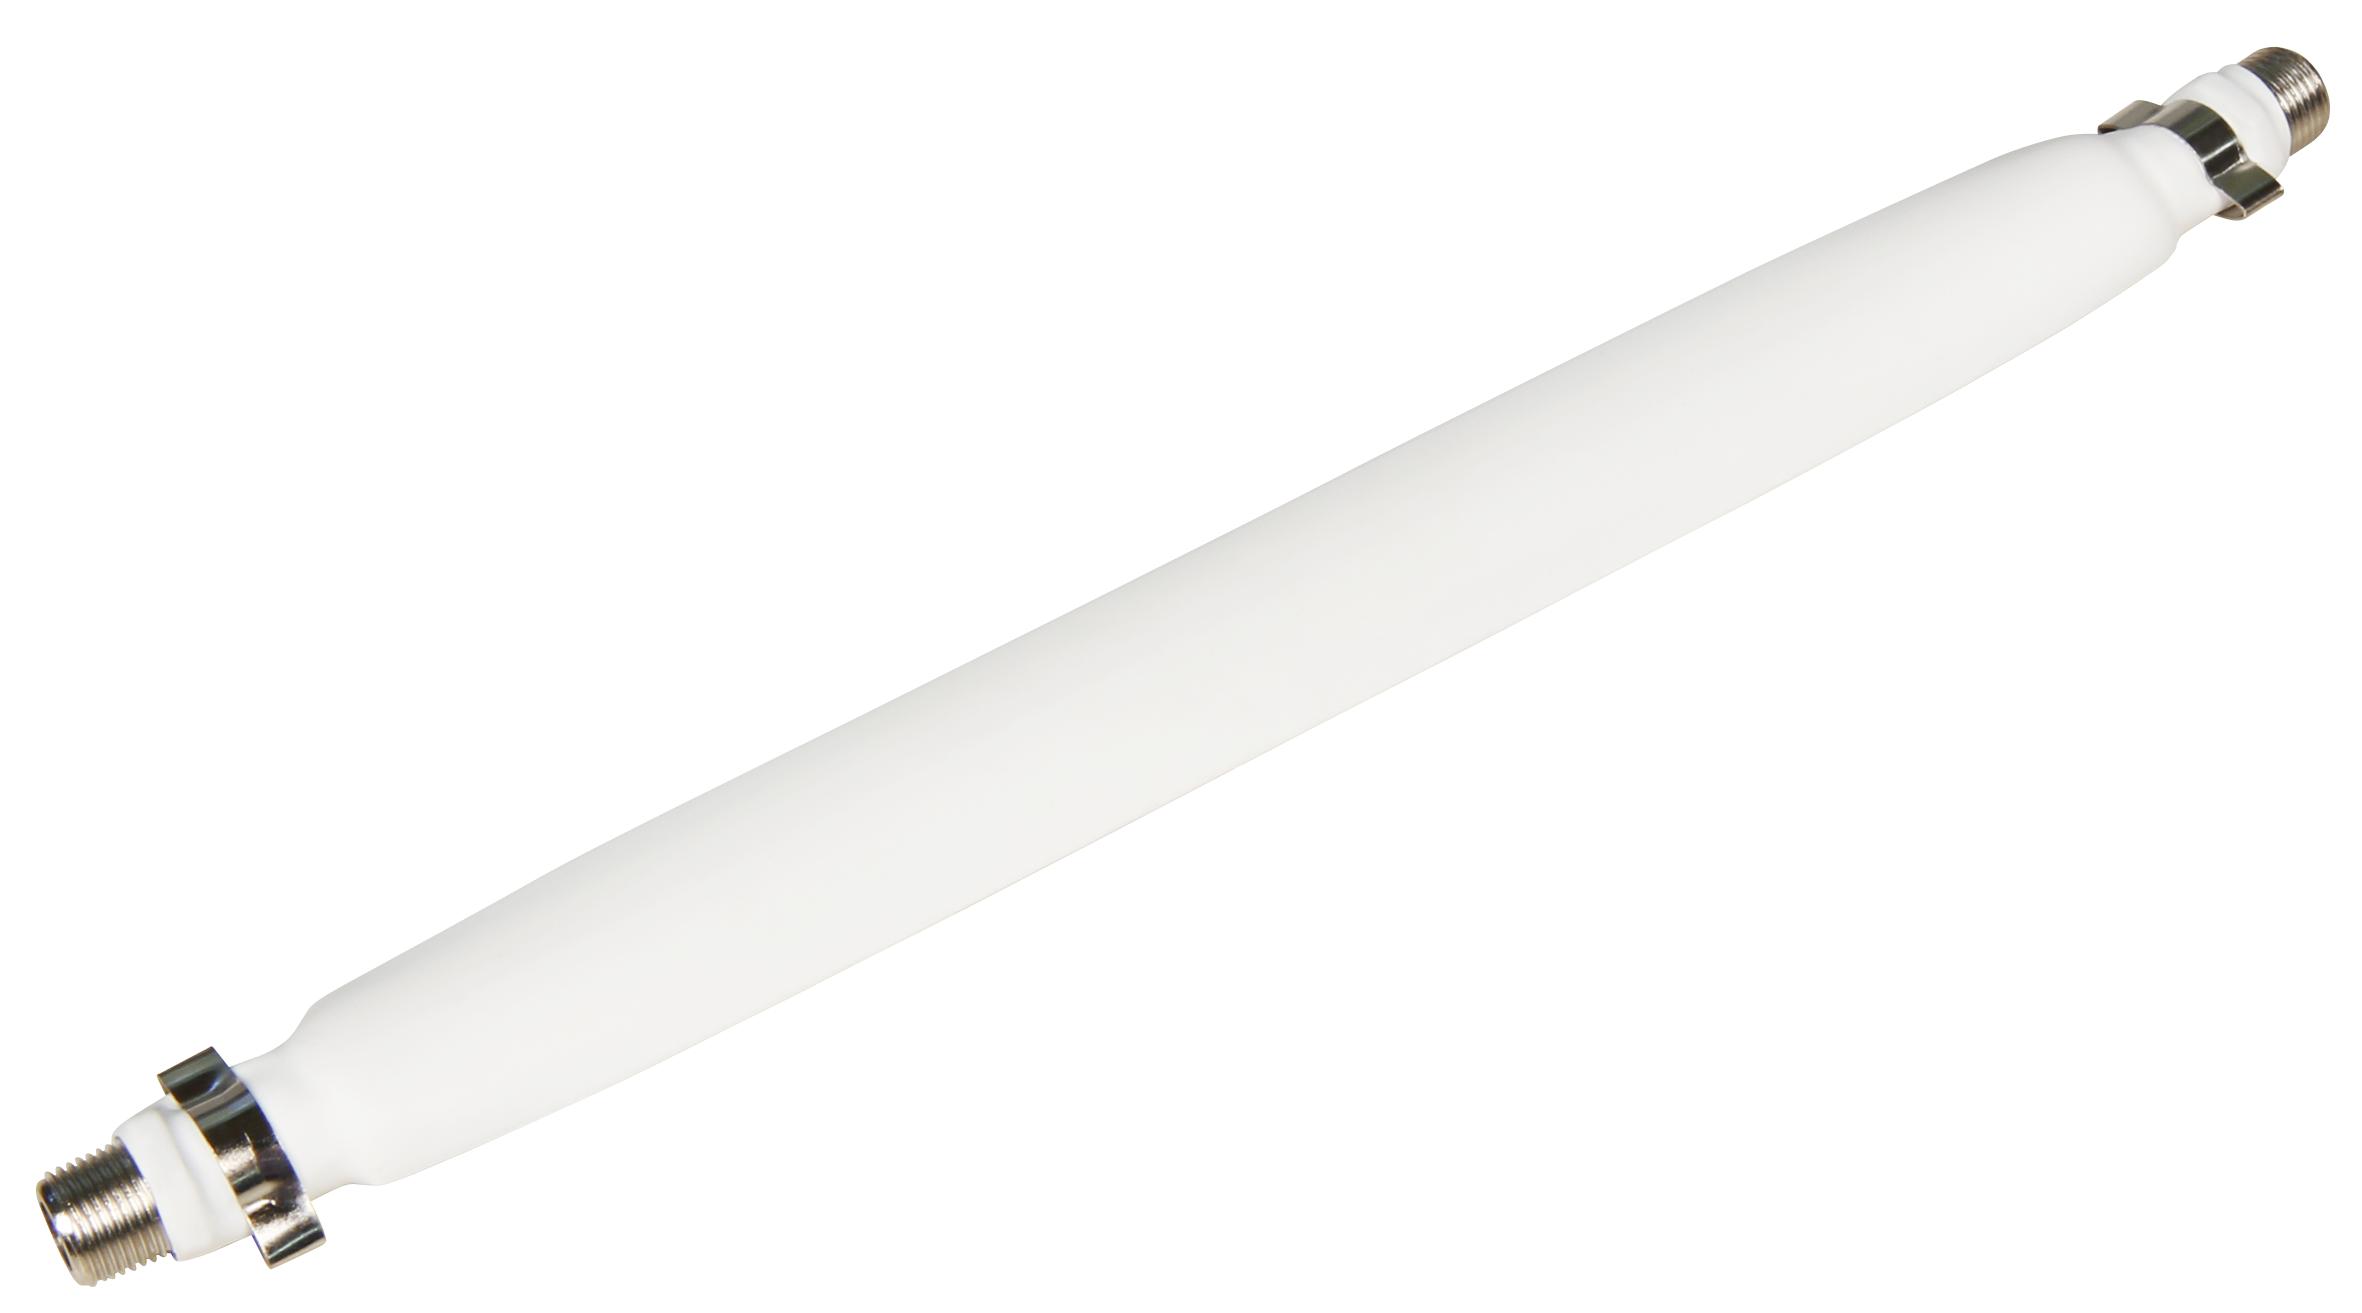 fensterdurchf hrung f r sat kabel mit 2 f anschl ssen flexibel 20cm wei ett der. Black Bedroom Furniture Sets. Home Design Ideas